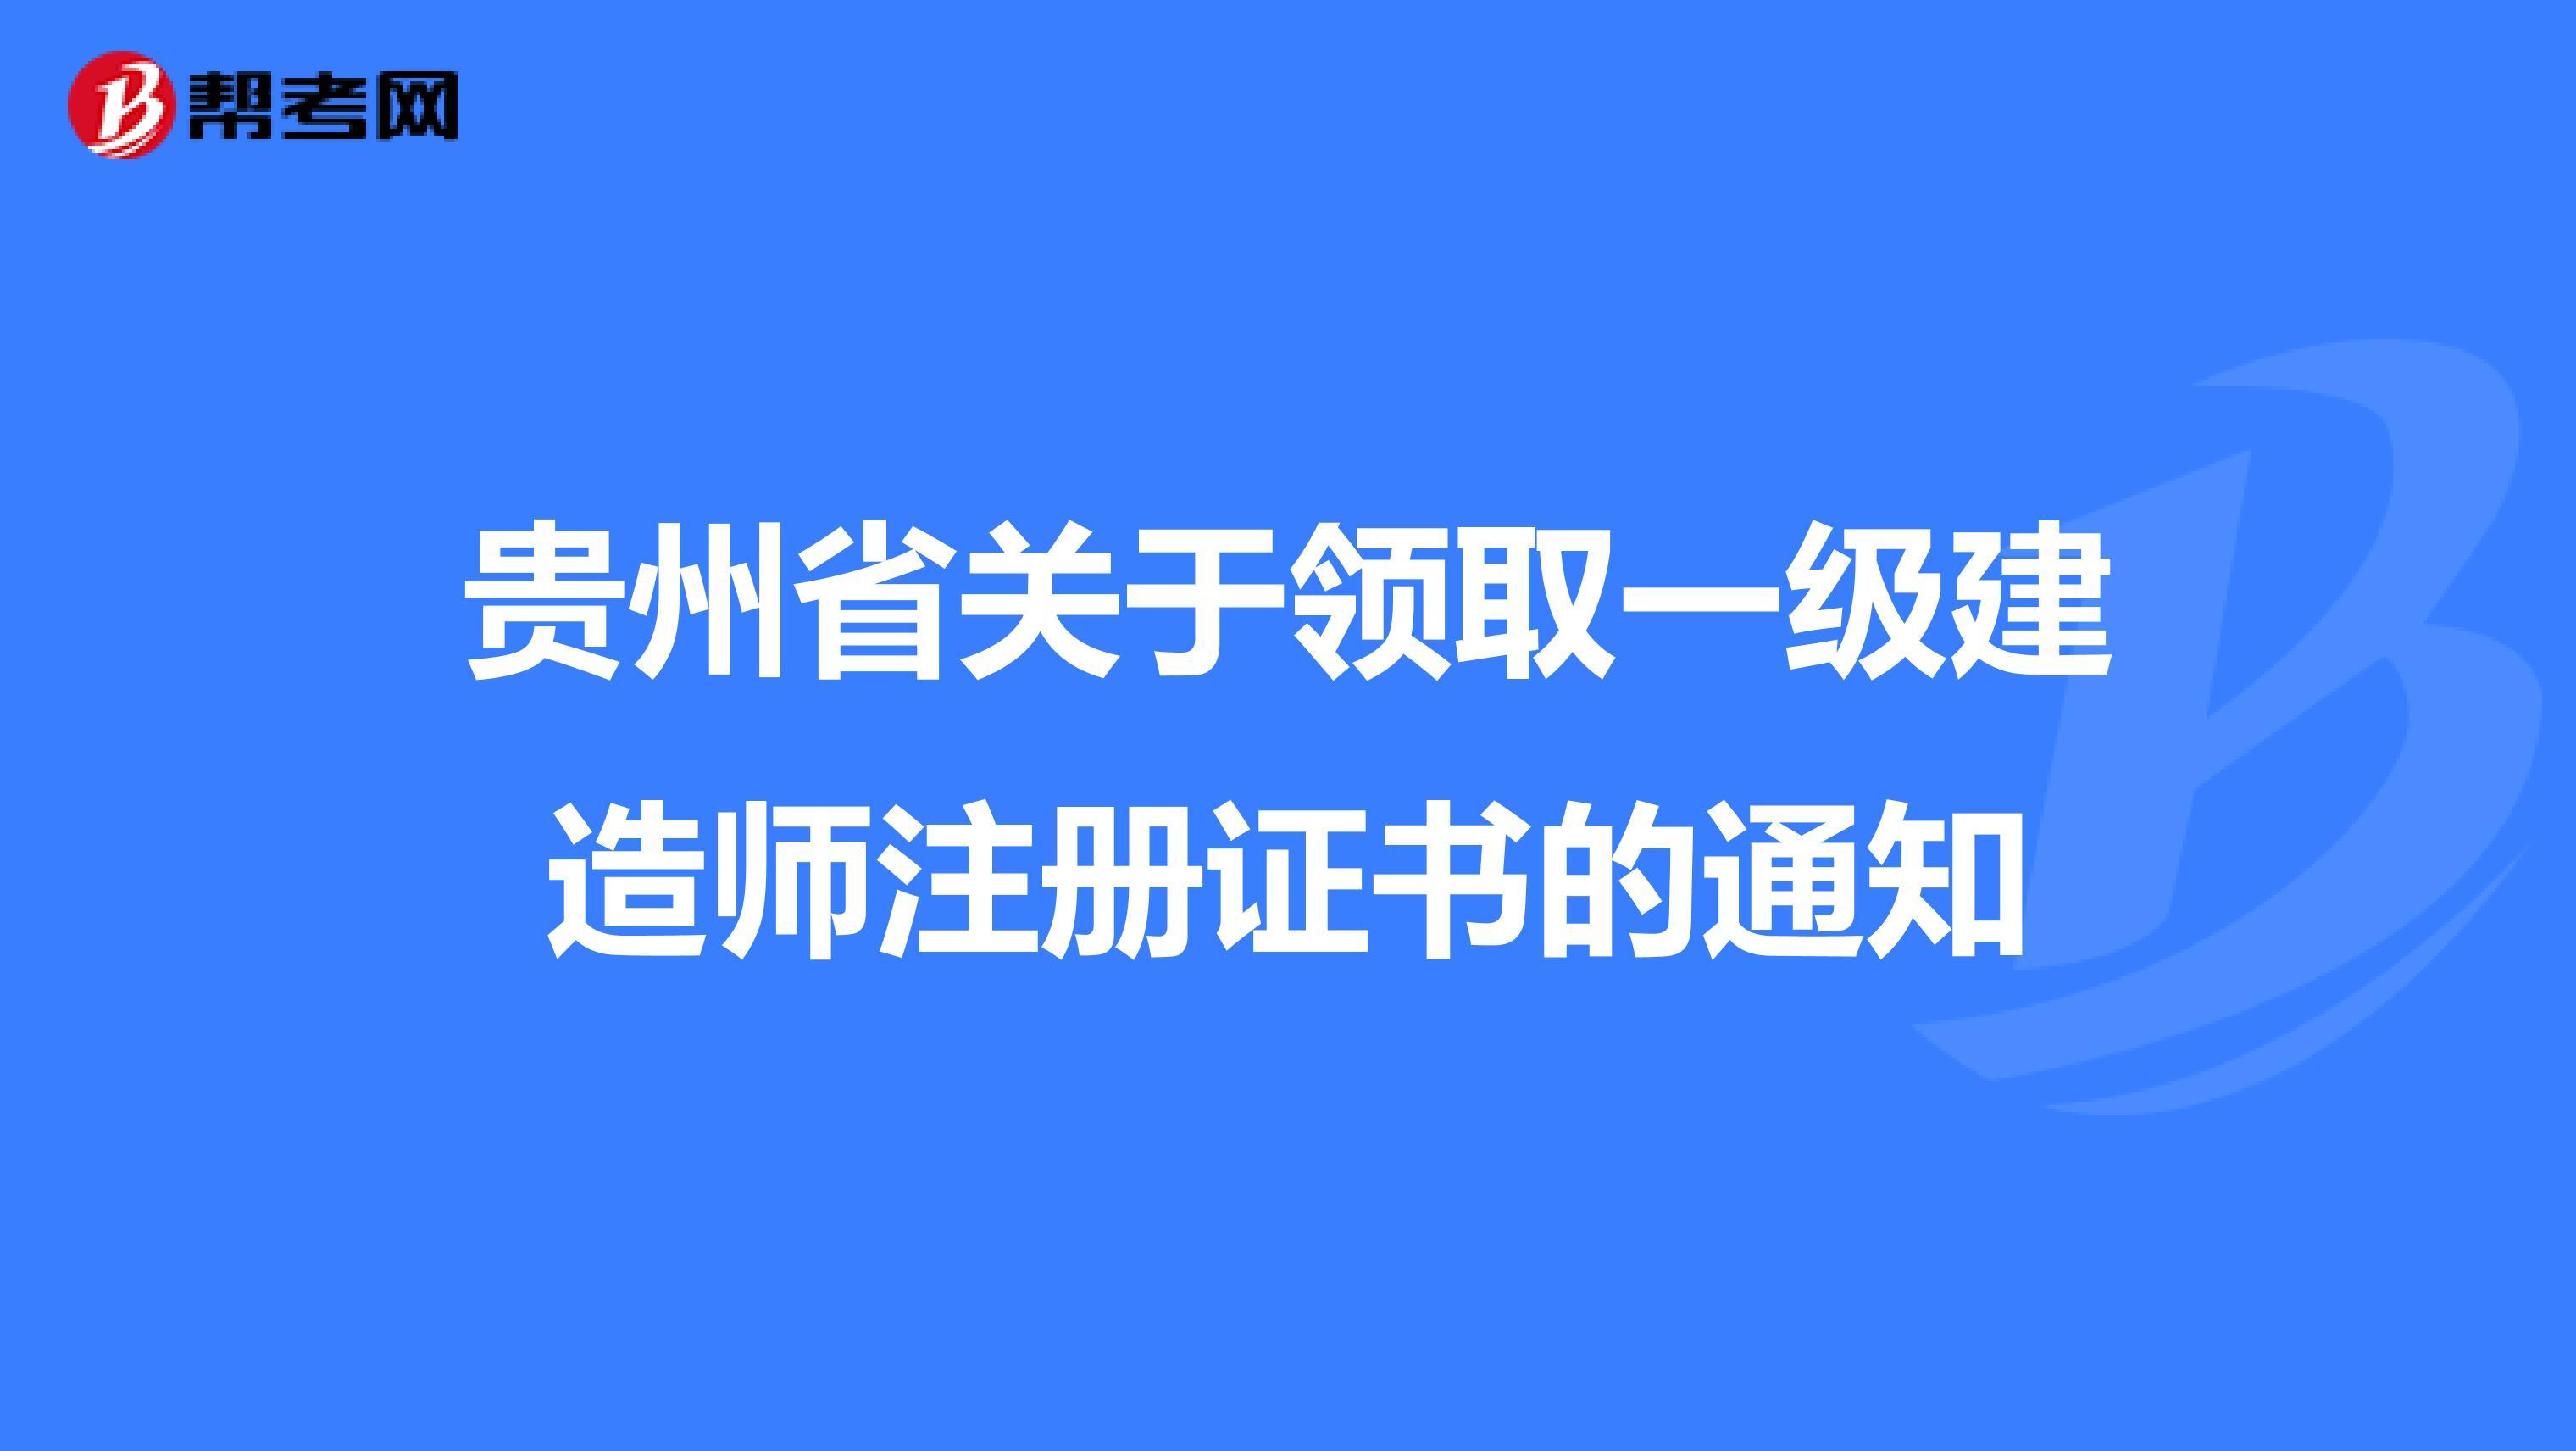 贵州省关于领取一级建造师注册证书的通知